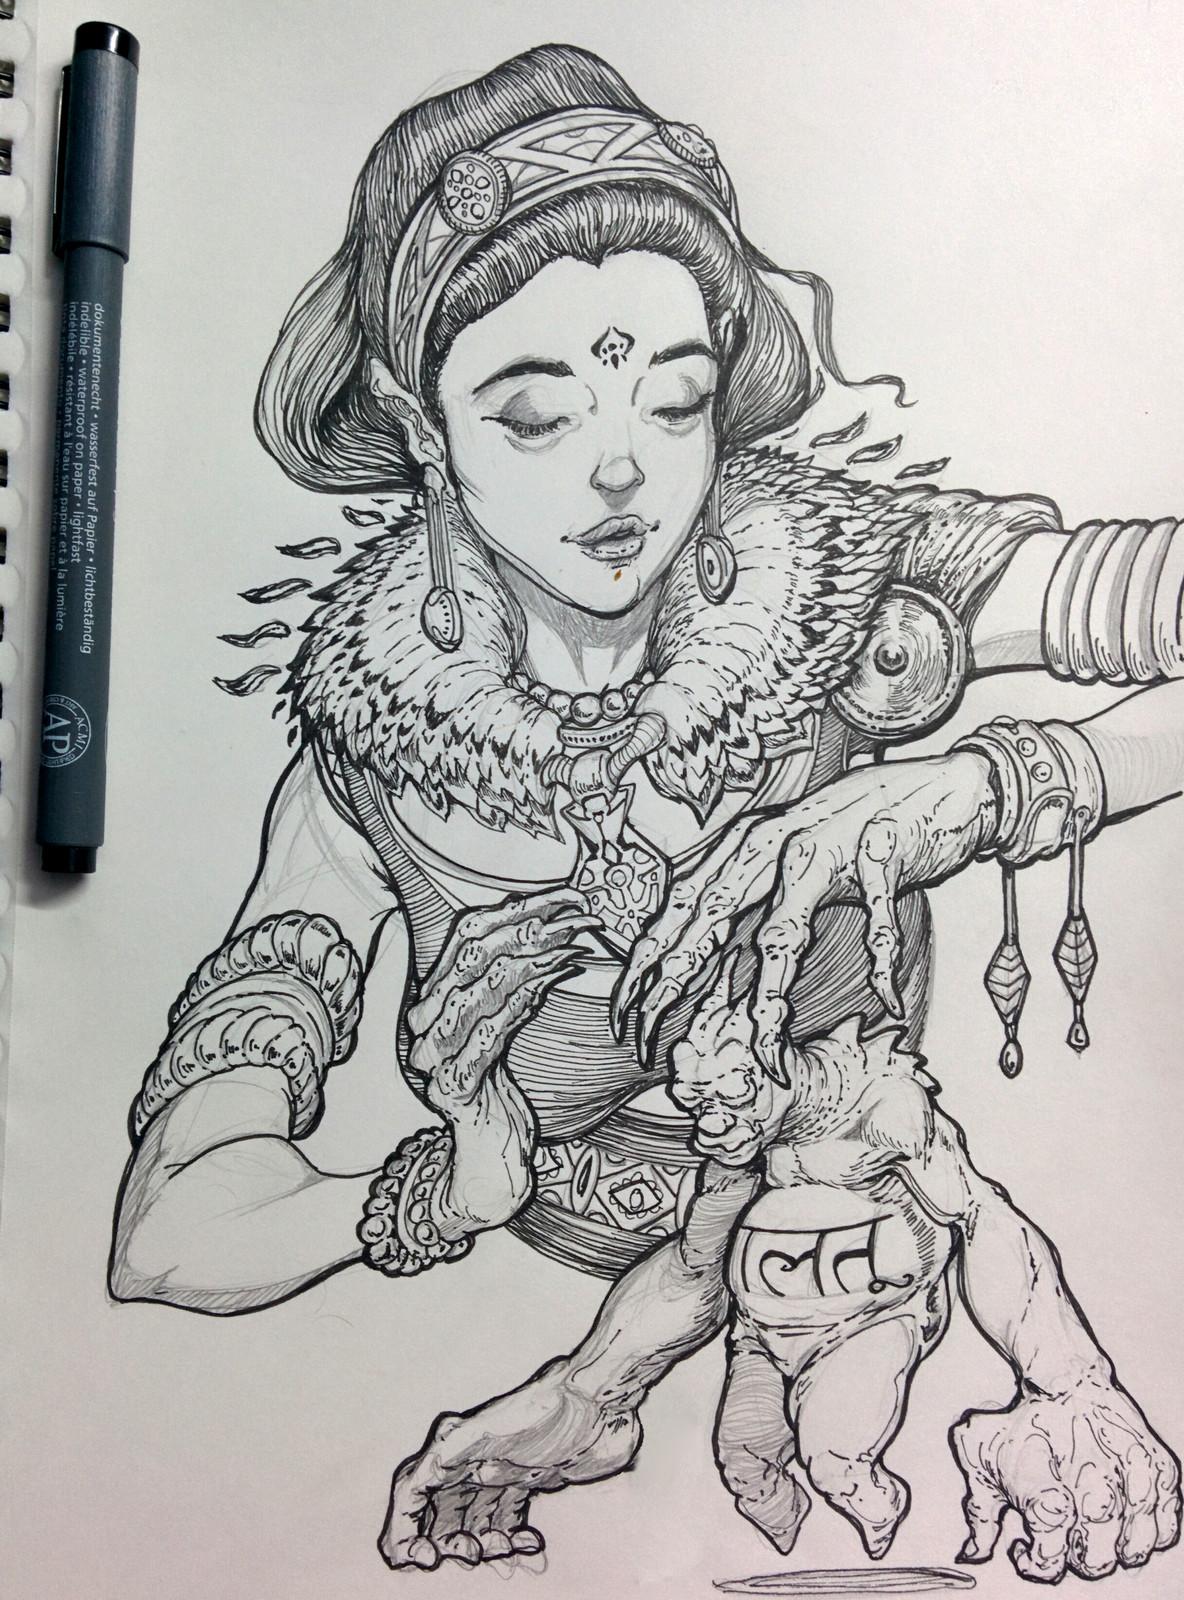 Sketchbook pages - 6